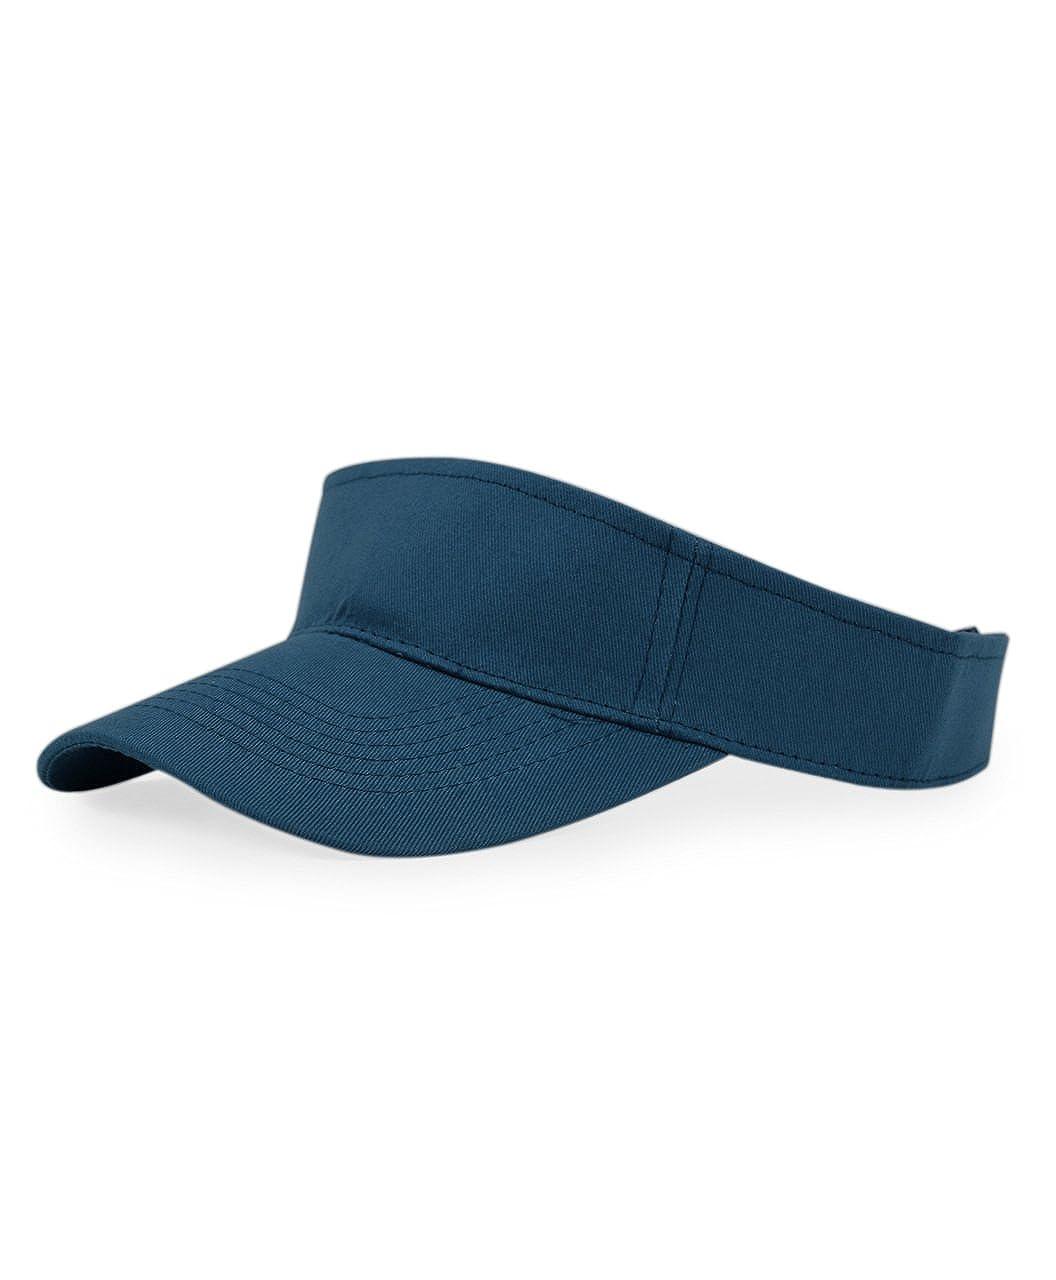 Solid Sport Adjustable Sun Visor Hat